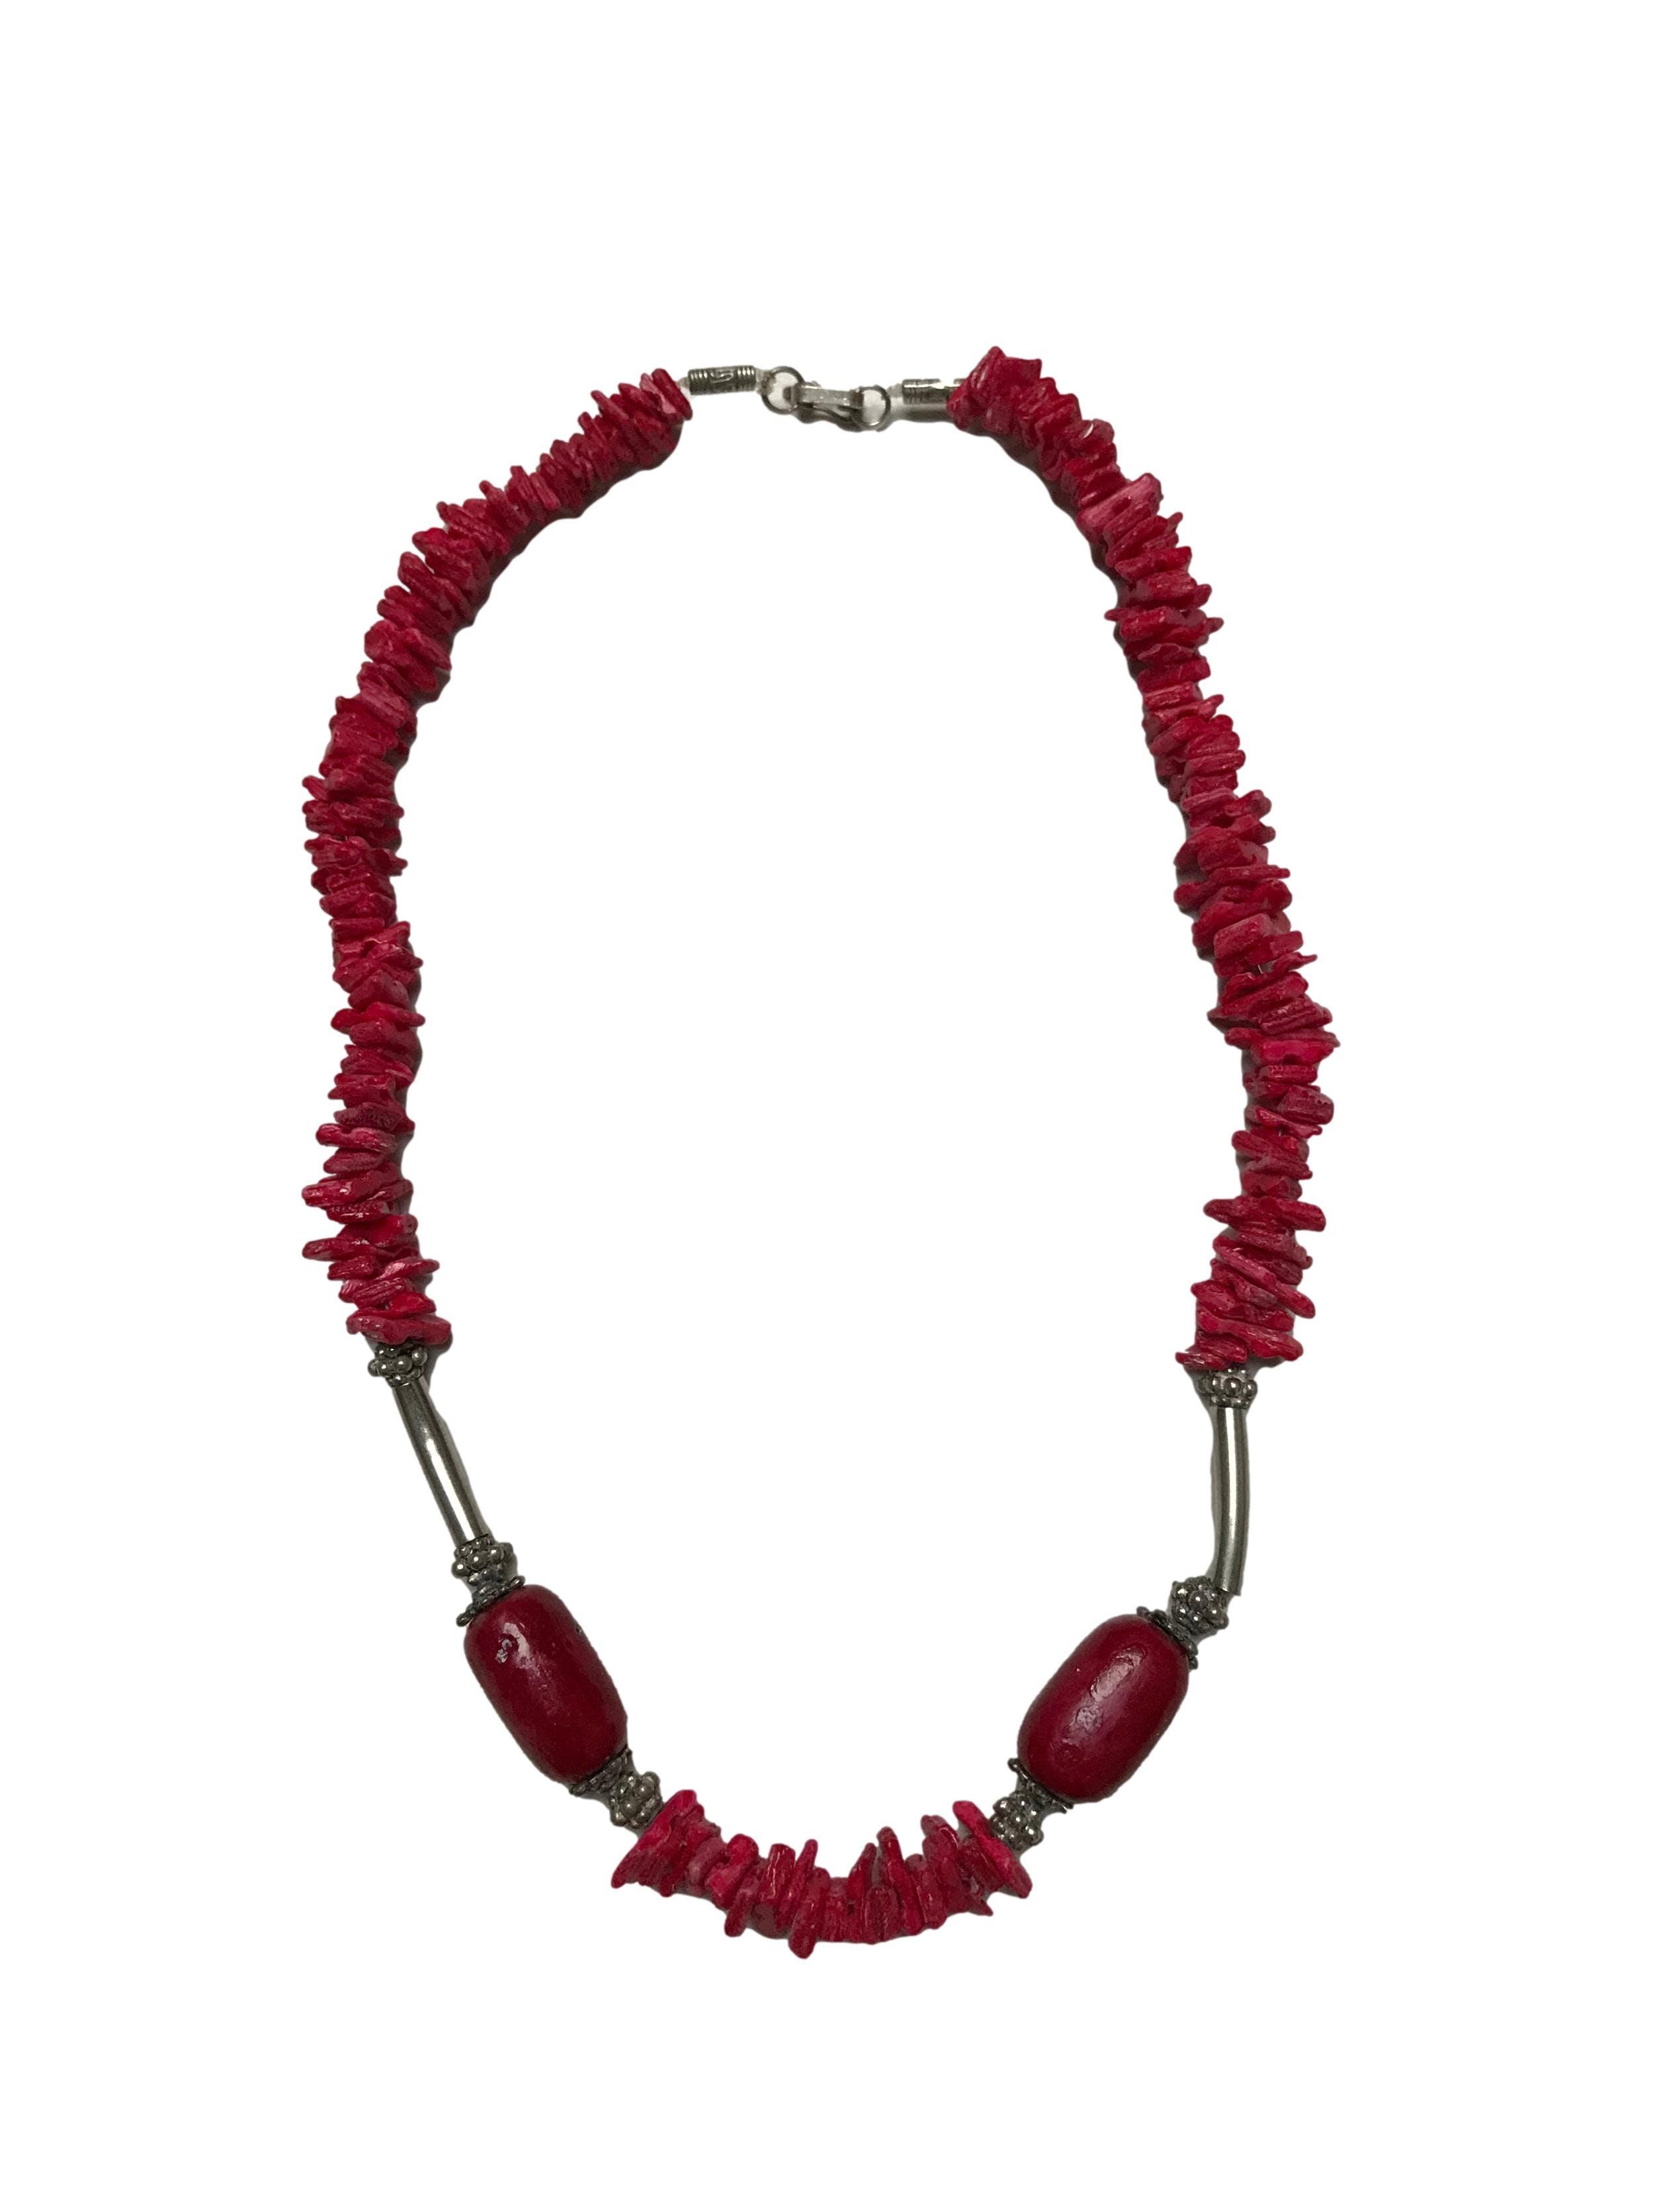 Collar shakira con piedra pulida y elementos de plata. Largo 48cm